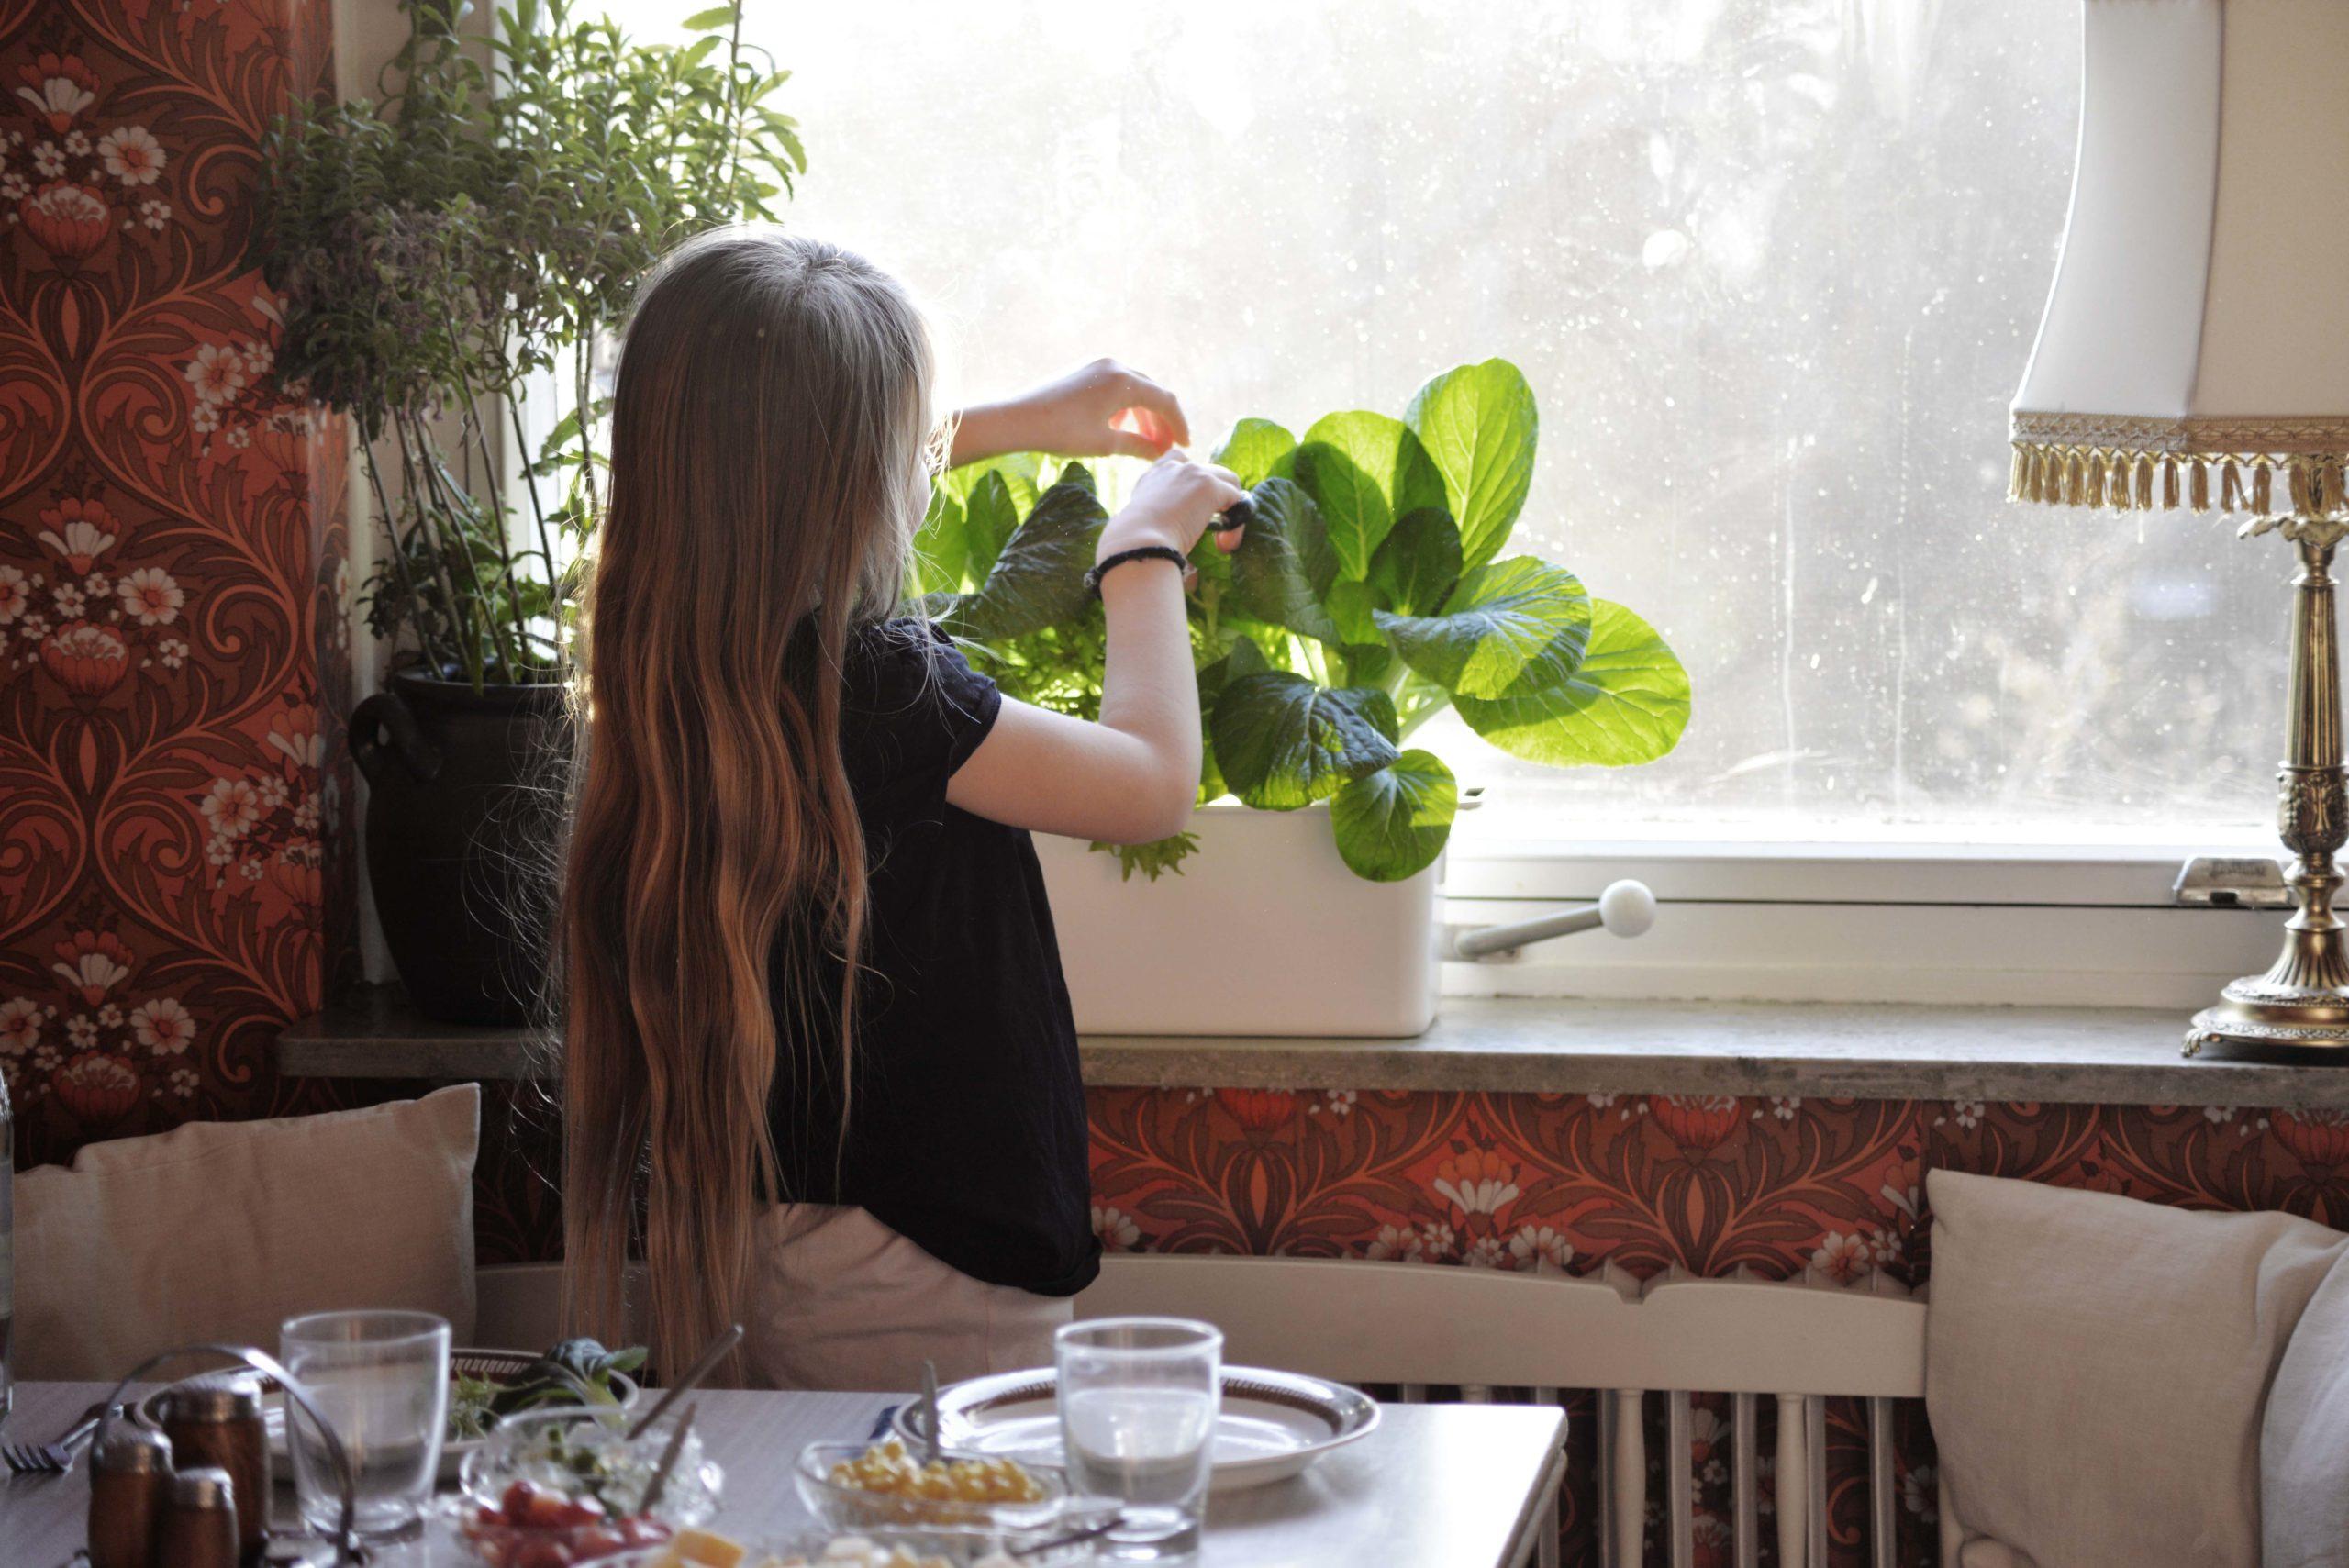 grow-water-hydroponics